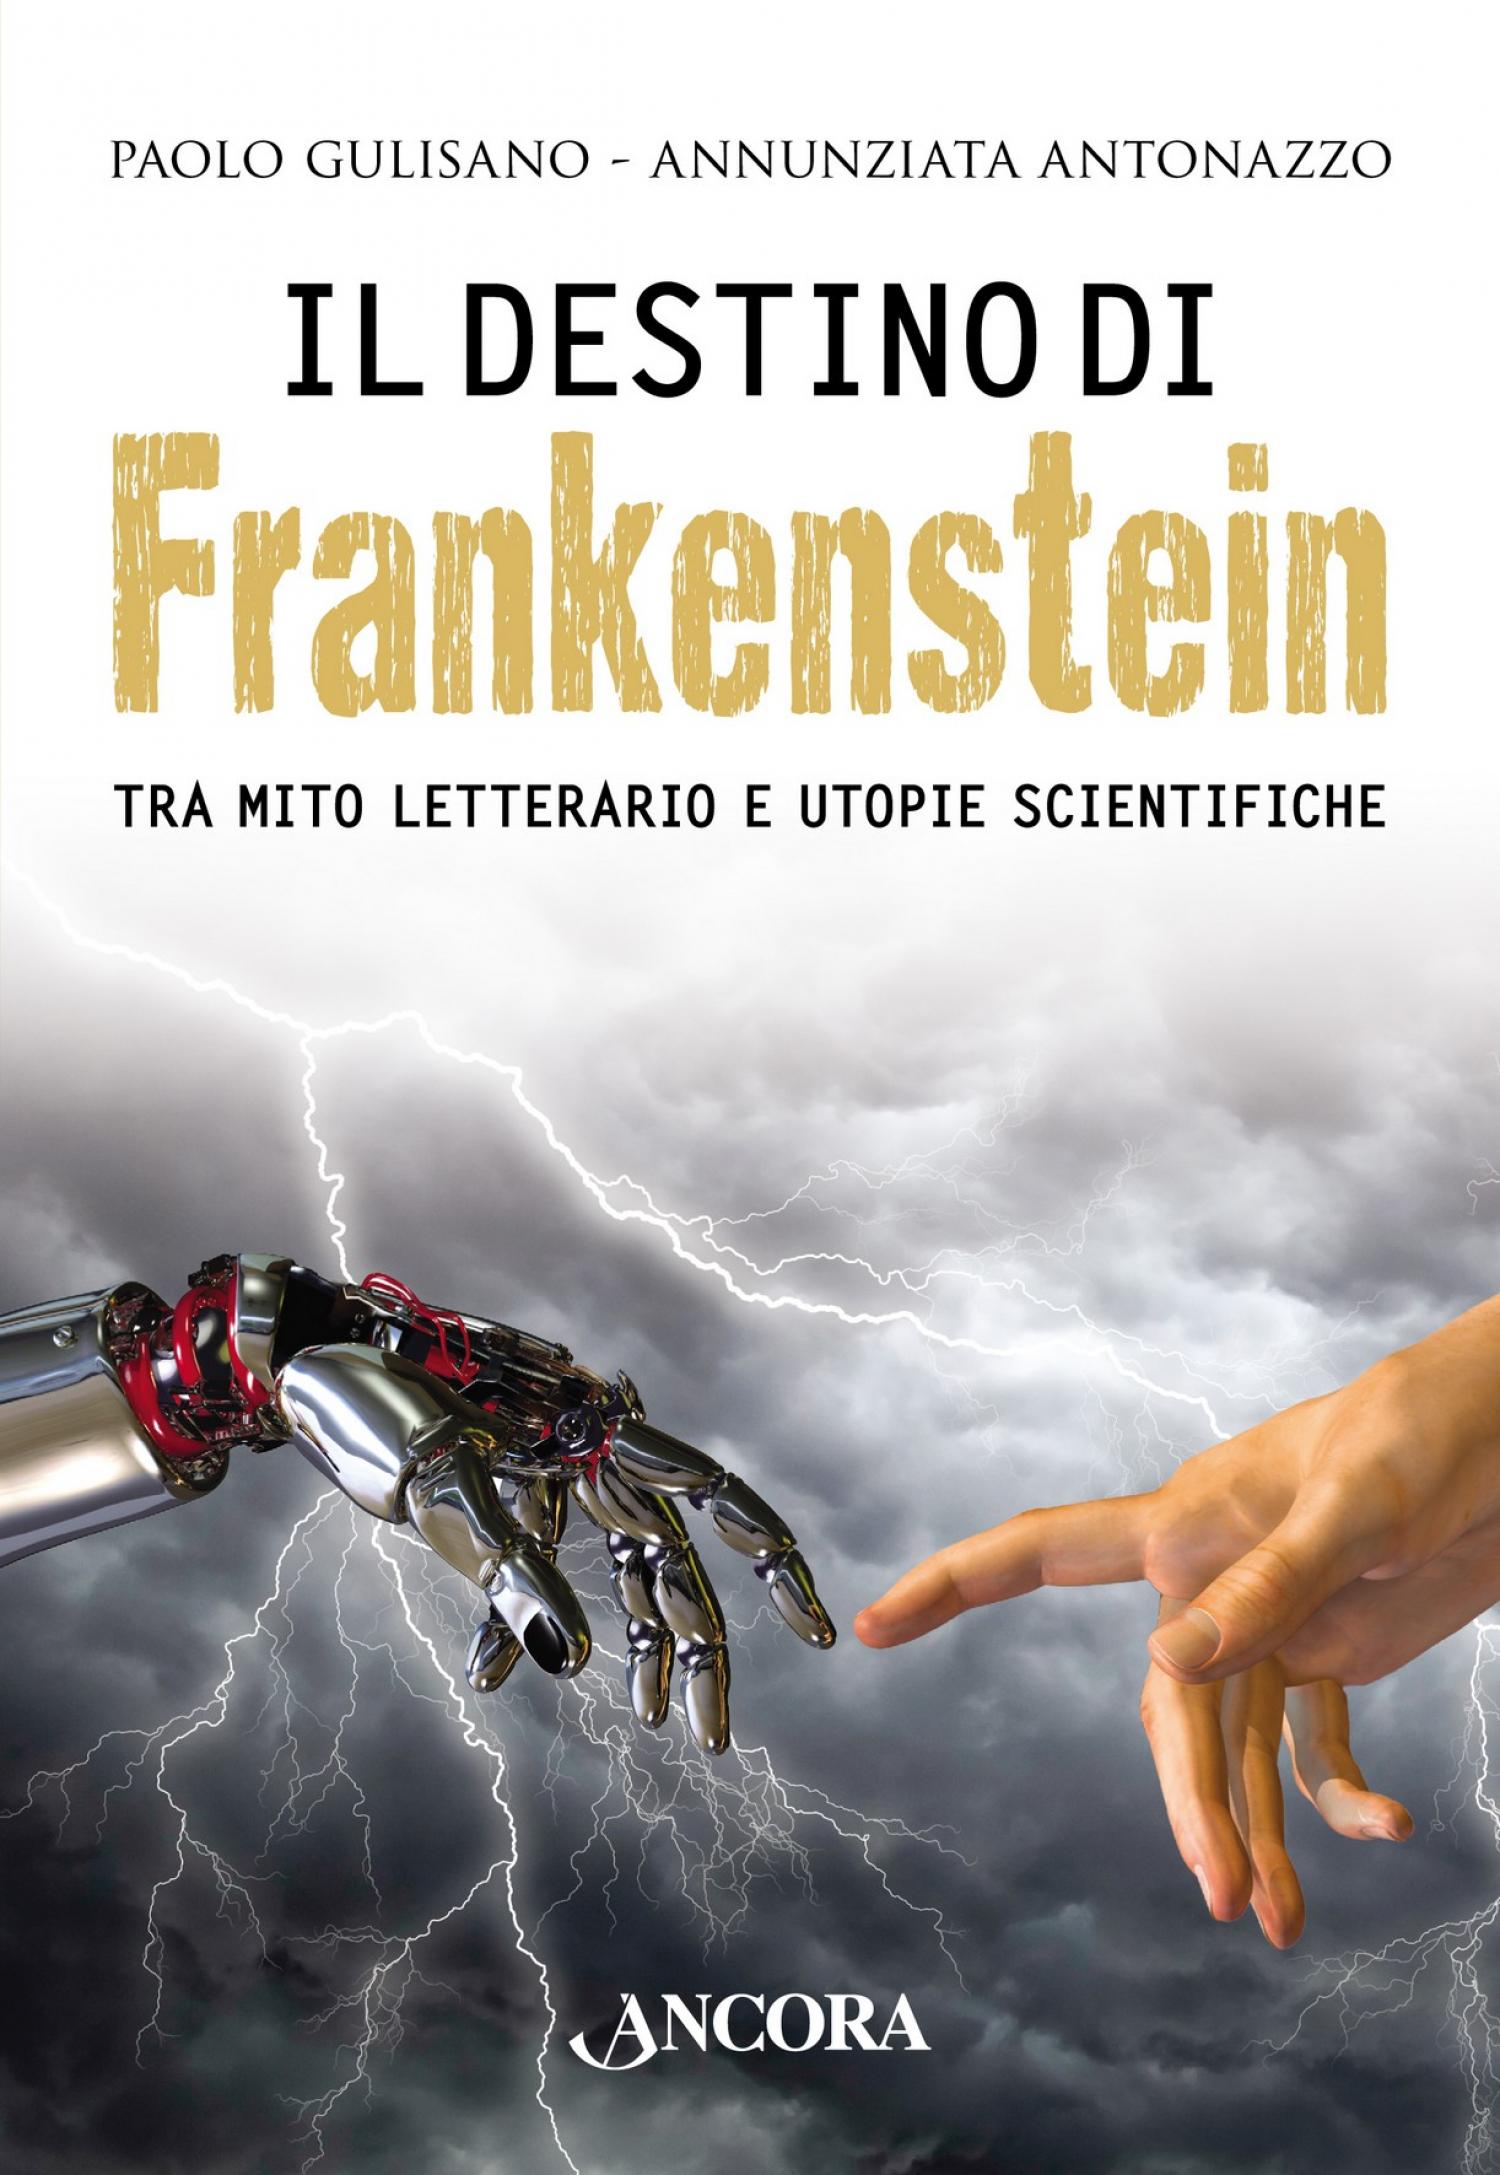 <p>Da 200 anni un mostro si aggira per la letteratura, il fumetto, il cinema. E&rsquo; il <strong>mostro di Frankenstein</strong>, una creatura senza nome (spesso si crede che sia la creatura ad avere il nome dello scienziato, Victor Frankenstein) che ha <strong>200 anni</strong>, ma non li dimostra. Uscito dalla mente di una ragazza inglese poco pi&ugrave; che ventenne, <strong>Mary Shelley</strong> , questo romanzo, iniziato proprio nel 1816, &egrave; divenuto una delle opere letterarie pi&ugrave; singolari della Modernit&agrave;: Frankenstein di Mary Shelley &egrave; il <strong>capostipite della letteratura dell&#39;immaginario</strong>, dell&#39;horror e della Science Fiction, ma non si ferma l&igrave;. Continua ad essere fonte di ispirazione per nuove versioni, e tra pochi giorni sar&agrave; nei cinema un nuovo Frankenstein, con James Mc Avoy nella parte dello scienziato e Daniel Ratcliffe (Harry Potter) in quella del suo servitore Igor. Il sottotitolo del libro della Shelley, Il moderno Prometeo, ne faceva intravedere la grande portata, gli echi delle grandi opere che lo avevano influenzato e le suggestioni delle nuove scoperte nel campo della scienza. Mary Shelley visse in un periodo di grandi rivolgimenti, storici, sociali e soprattutto scientifici. Un periodo dove gi&agrave; iniziava un dibattito etico derivato dalle nuove straordinarie scoperte che avevano suscitato molte domande sui confini tra la vita e la morte e il potere su di essi degli scienziati. Mary scelse di raccontare questi dubbi e queste angosce in un romanzo che diverr&agrave; il capostipite del genere fantastico-gotico, nonch&eacute; della narrativa di fantascienza. Il libro di Gulisano &amp; Antonazzo &egrave; la migliore guida per inoltrarsi nel mondo inquietante e affascinante di Frankenstein. <strong>Paolo Gulisano</strong> e <strong>Annunziata Antonazzo</strong>, studiosi di letteratura inglese e narrativa fantasy e autori del volume <strong>&ldquo;Il destino di Frankenstein. Tra mito 